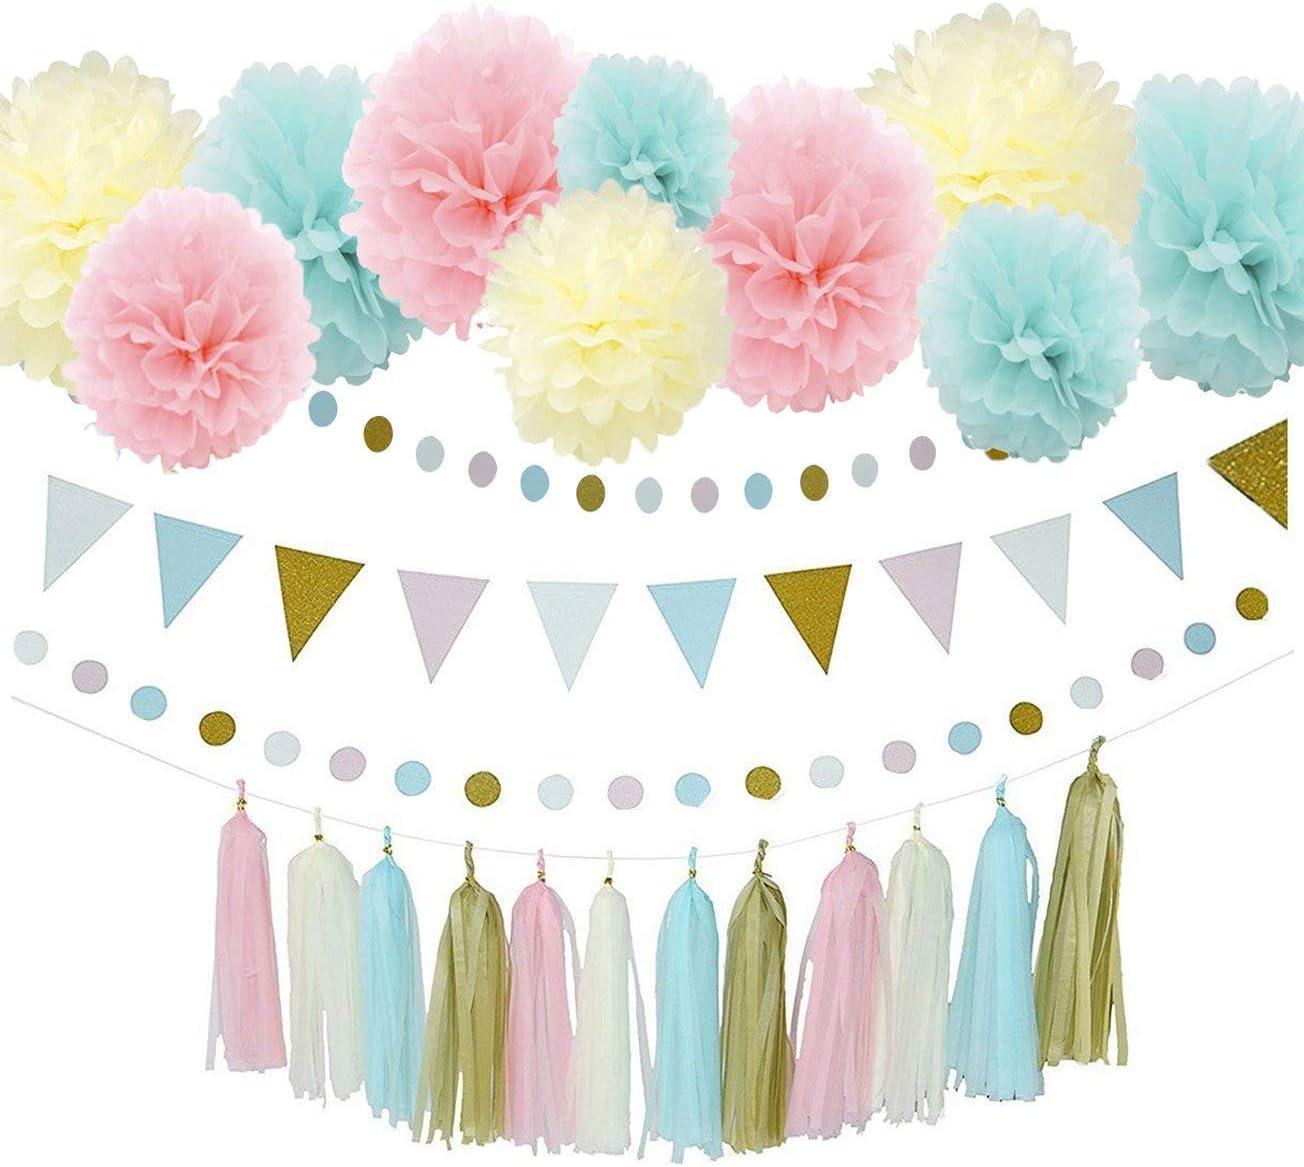 Baby Pink Baby Blue Party Decorations GENDER REVEAL 20 Tassel Tissue Paper Tassel Garland Tassel Poms Baby Shower Wedding Decoration